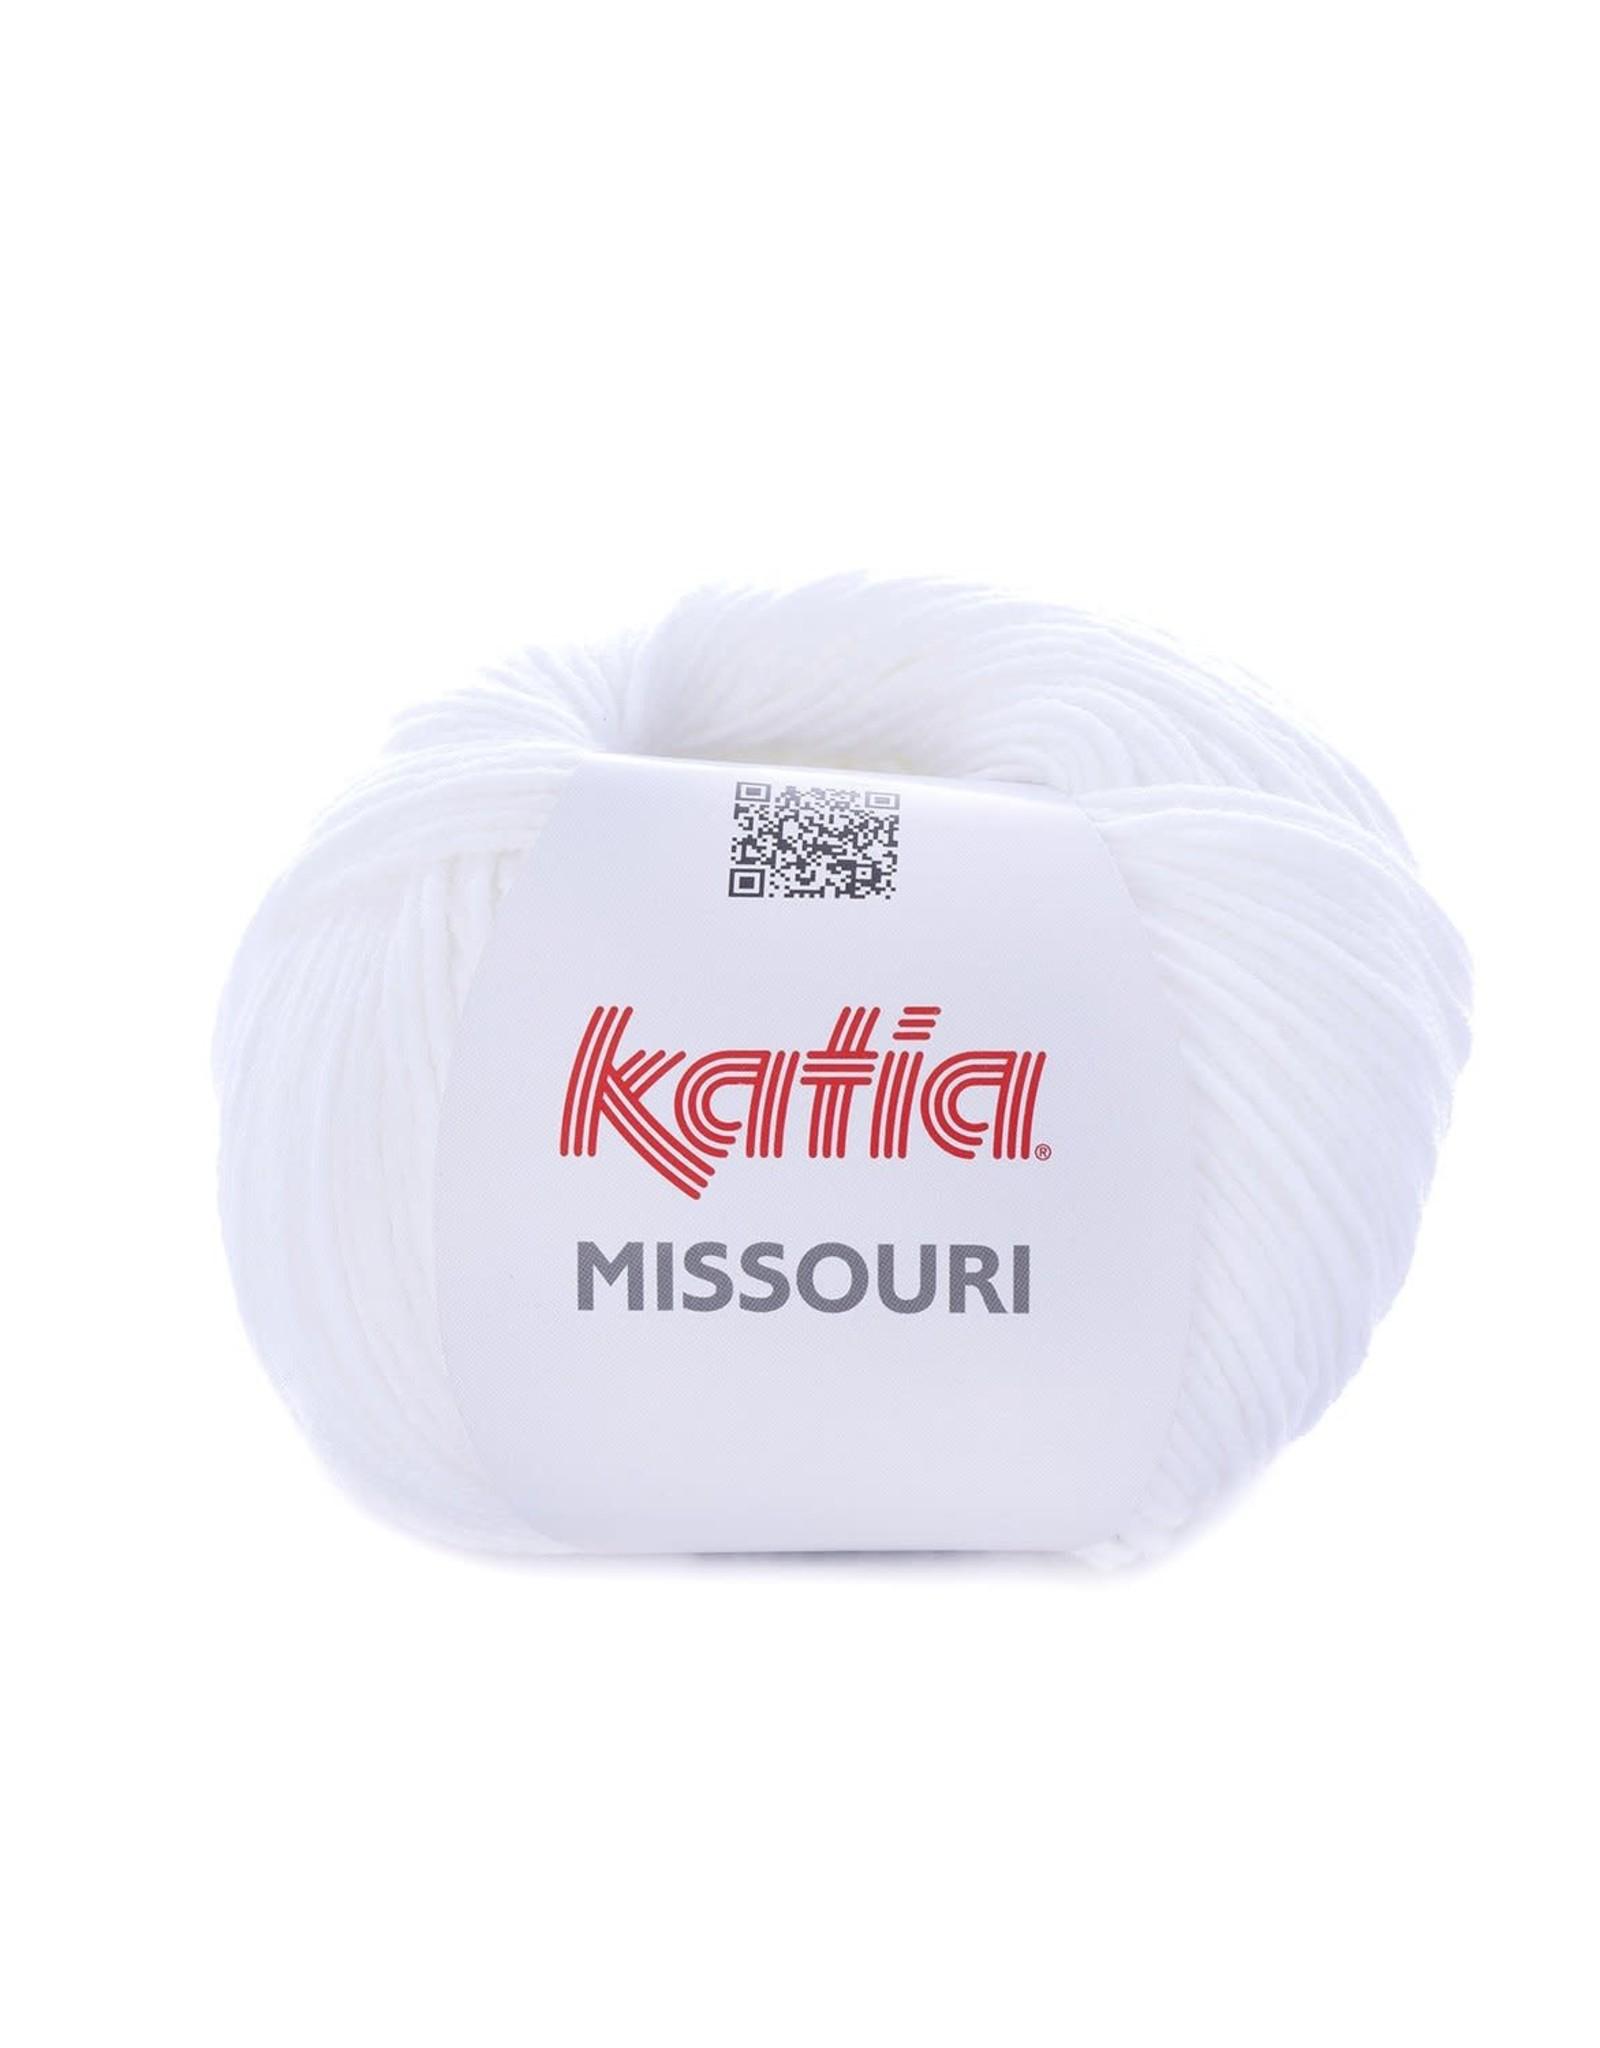 Katia Katia Missouri 1 - Wit